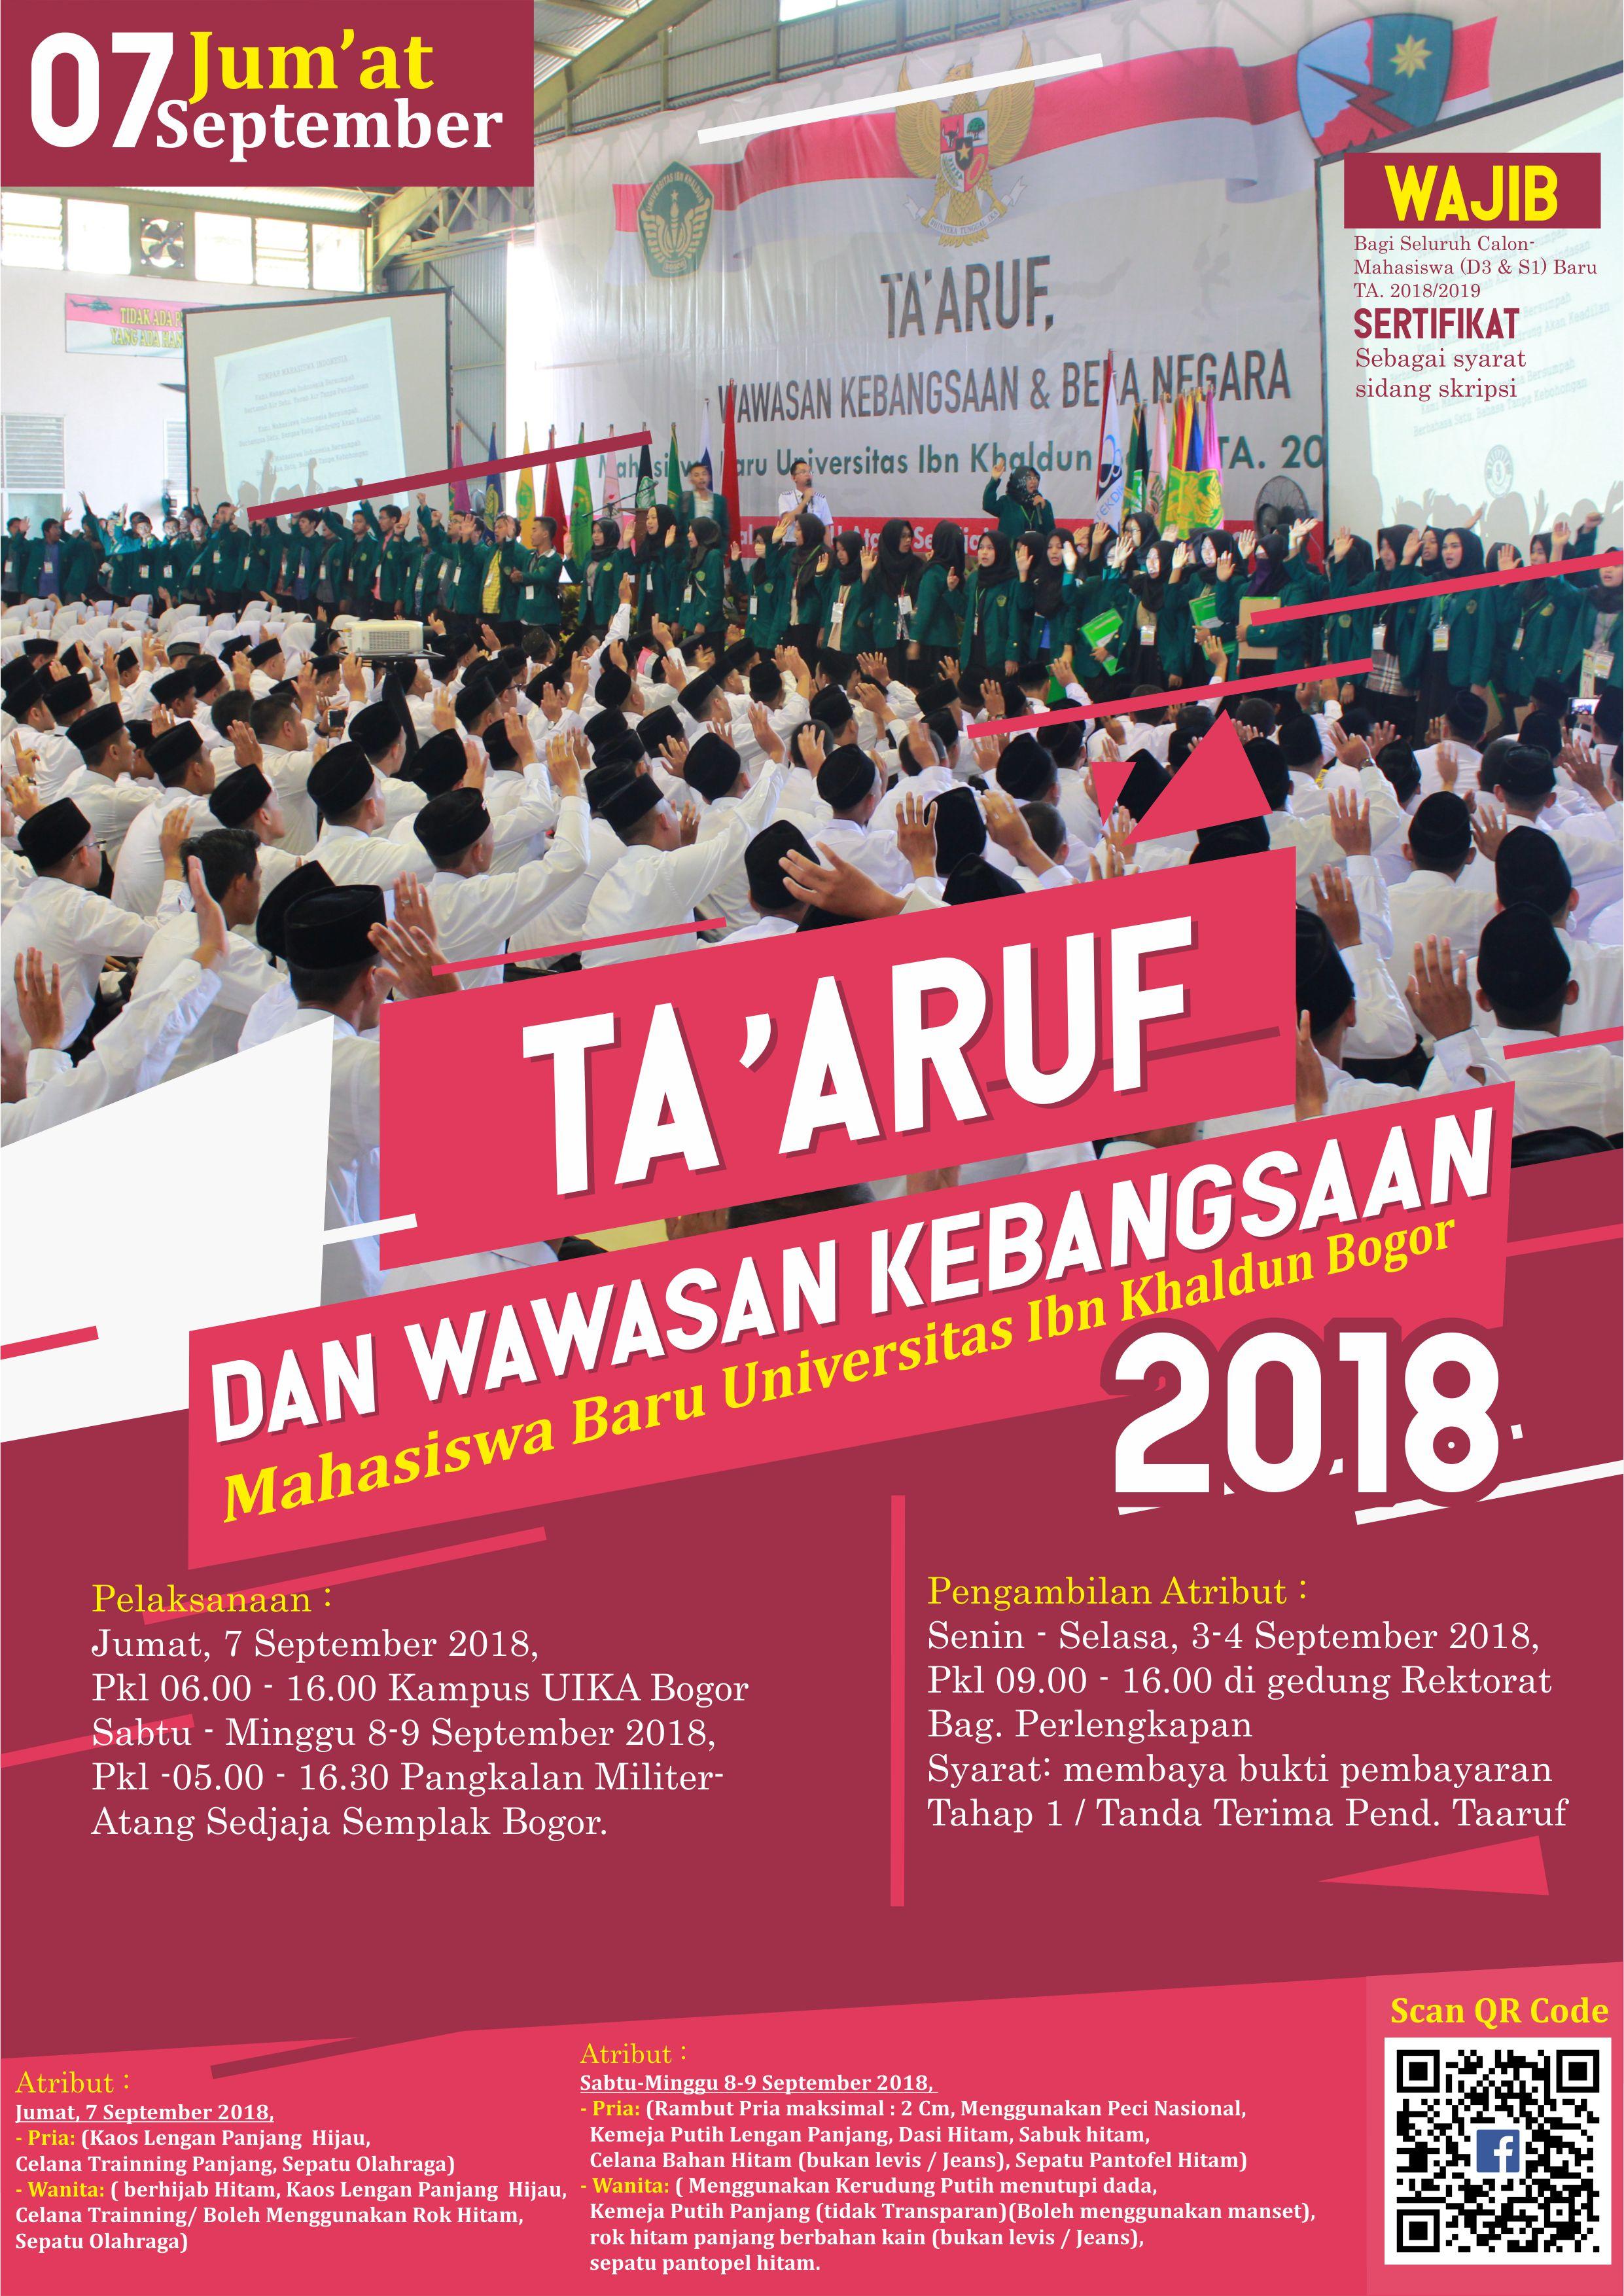 PELAKSANAAN TAARUF DAN WAWASAN KEBANGSAAN MAHASISWA BARU TA.2018/2019